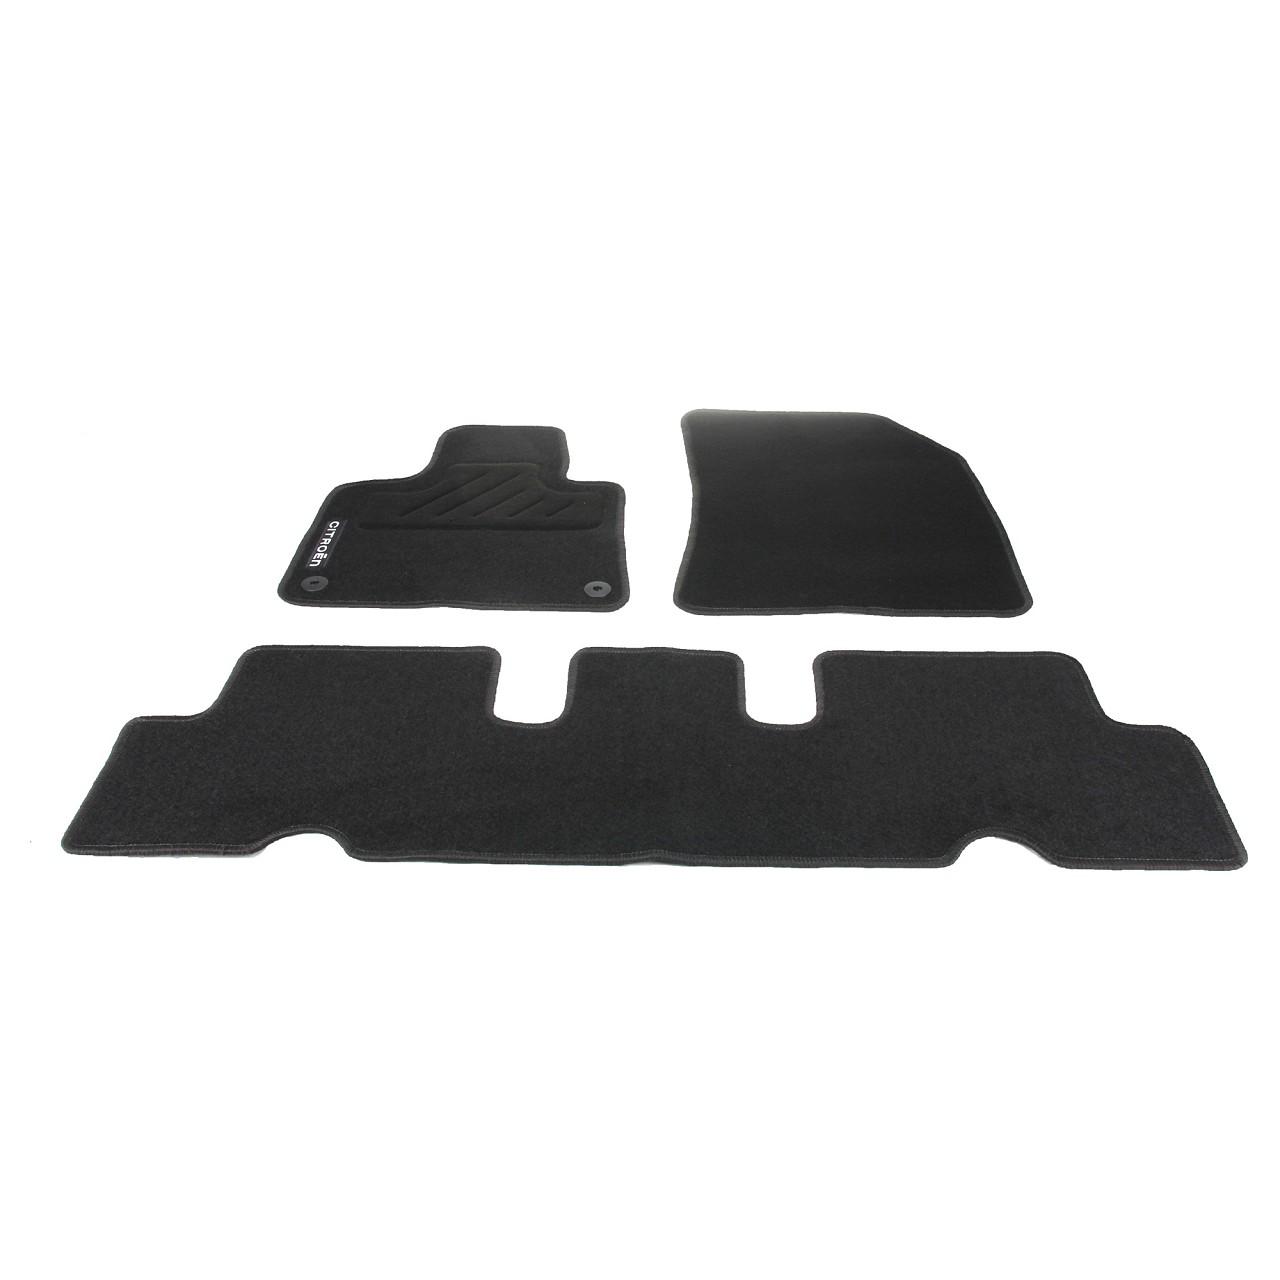 ORIGINAL Citroen Textilmatten Fußmatten Automatten Satz C4 PICASSO II 1637819380